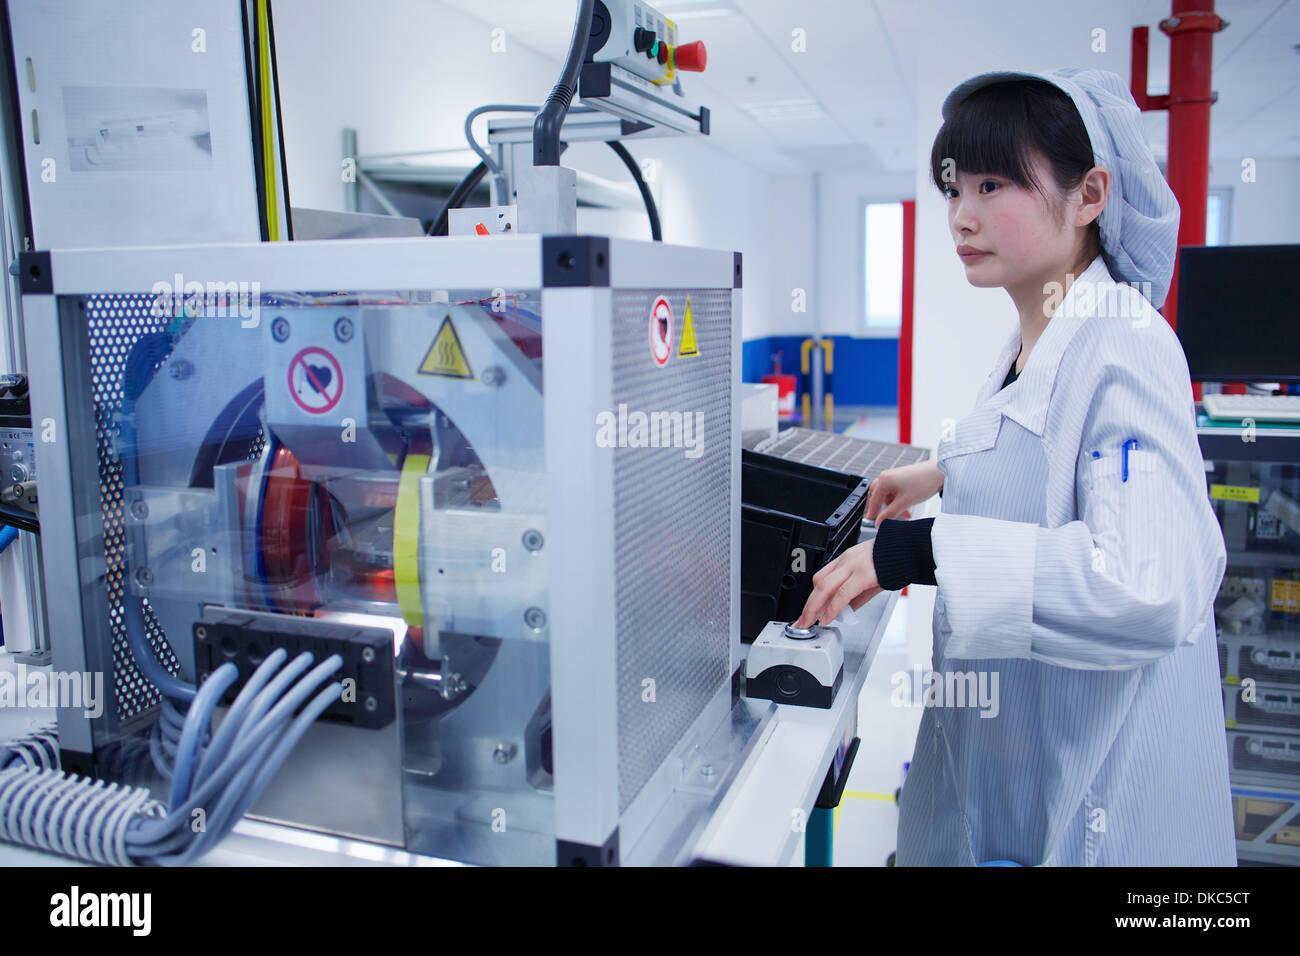 Travailleur de l'usine de fabrication de petites pièces en Chine Photo Stock